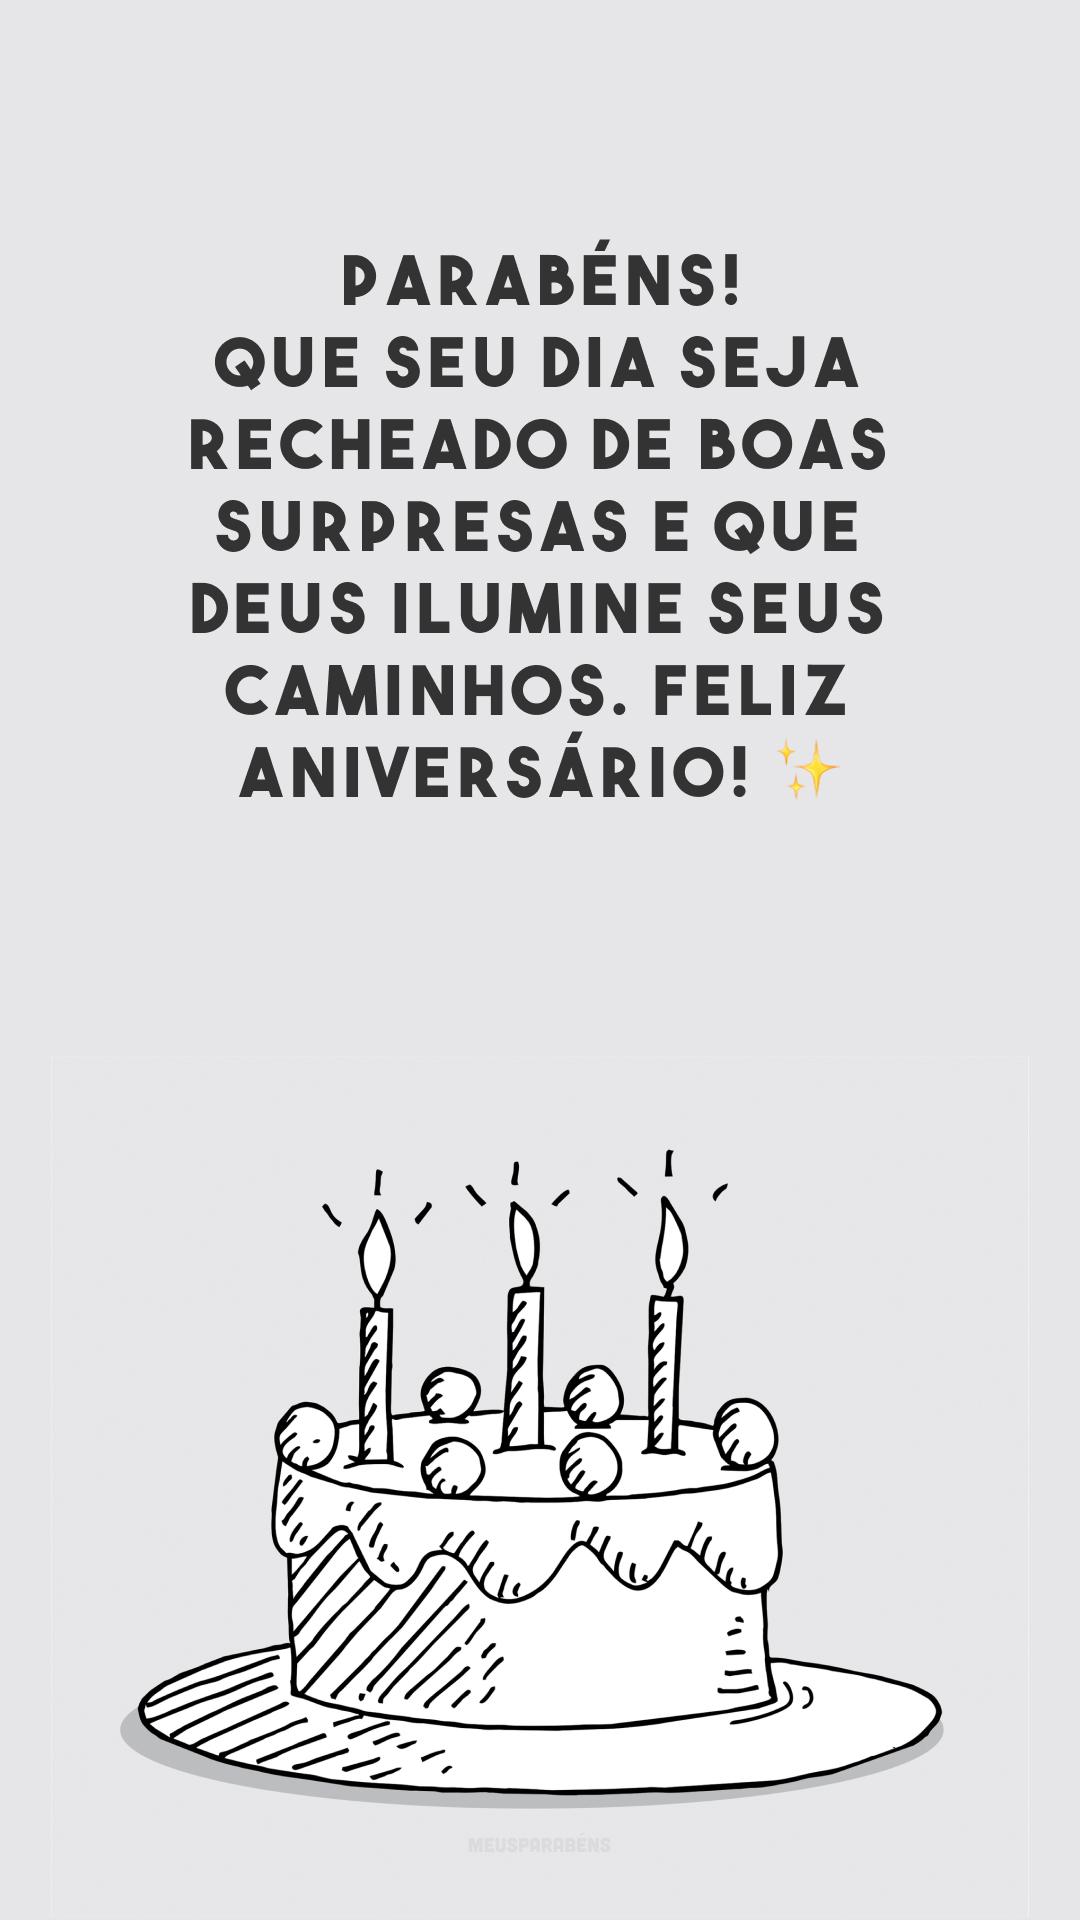 Parabéns! Que seu dia seja recheado de boas surpresas e que Deus ilumine seus caminhos. Feliz aniversário! ✨